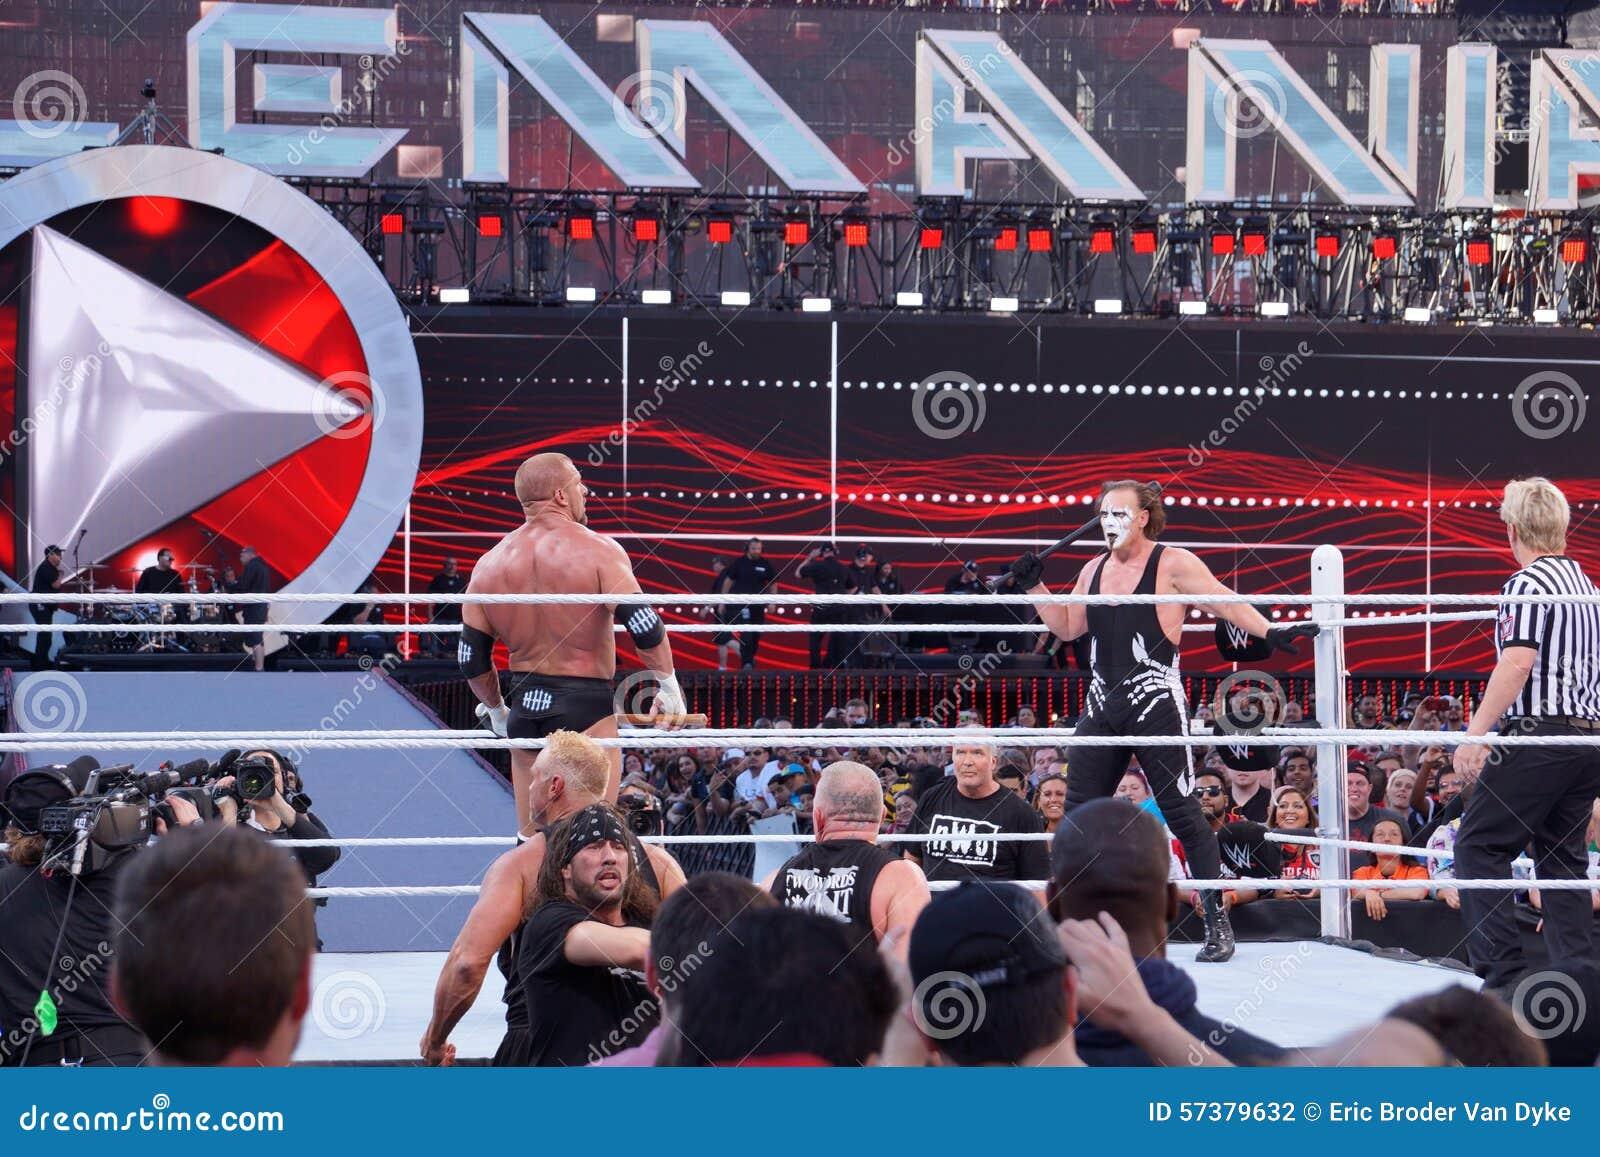 Drievoudig H houdt voorhamer en Sting houdt knuppel in ring tijdens m